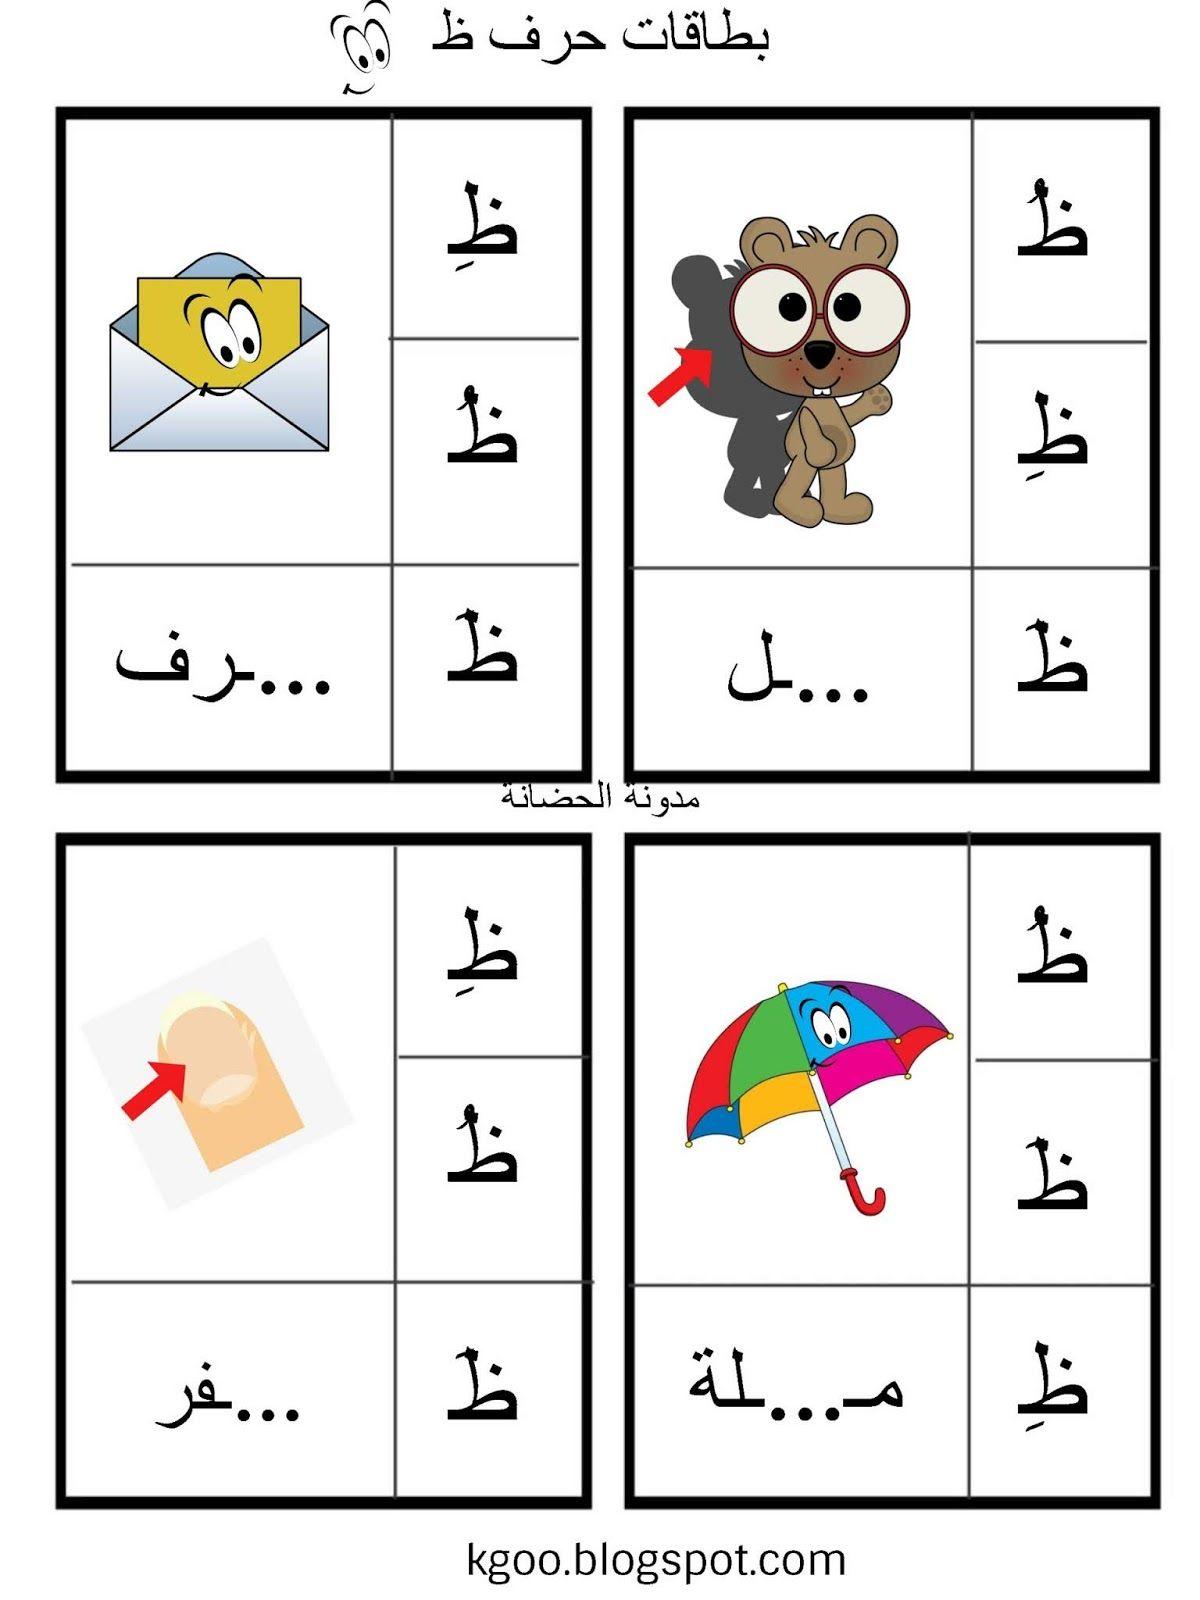 شرح حرف الظاء للاطفال مع ورقة عمل حرف ظ Pdf Arabic Alphabet For Kids Arabic Alphabet Arabic Alphabet Letters